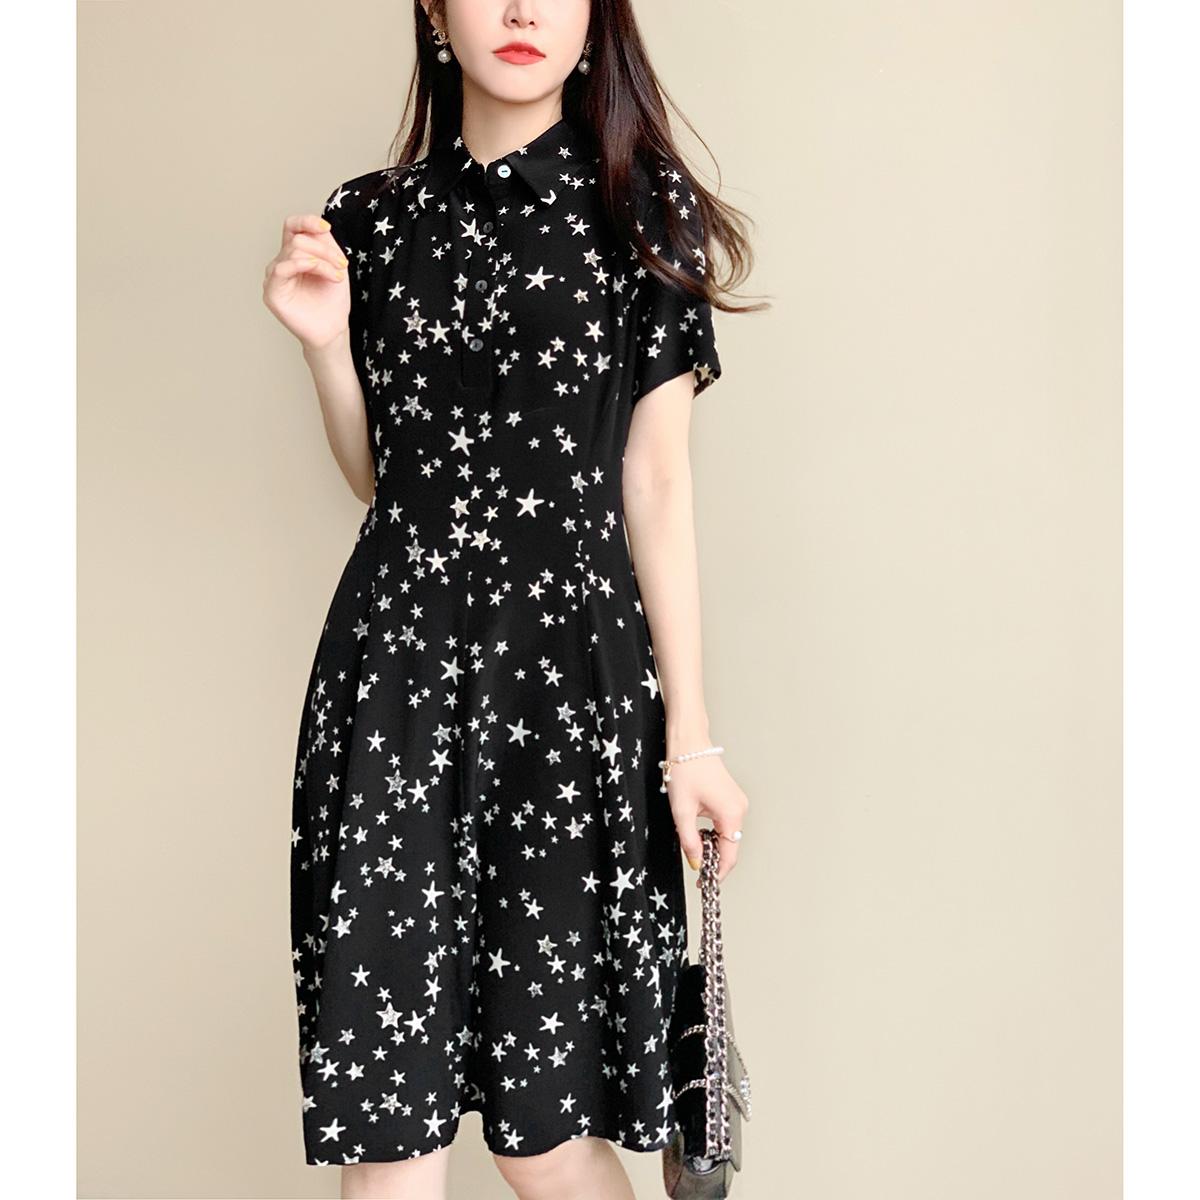 点击查看商品:自制!夏夜星星裙~很显瘦很减龄!纯真丝收腰中长款连衣裙